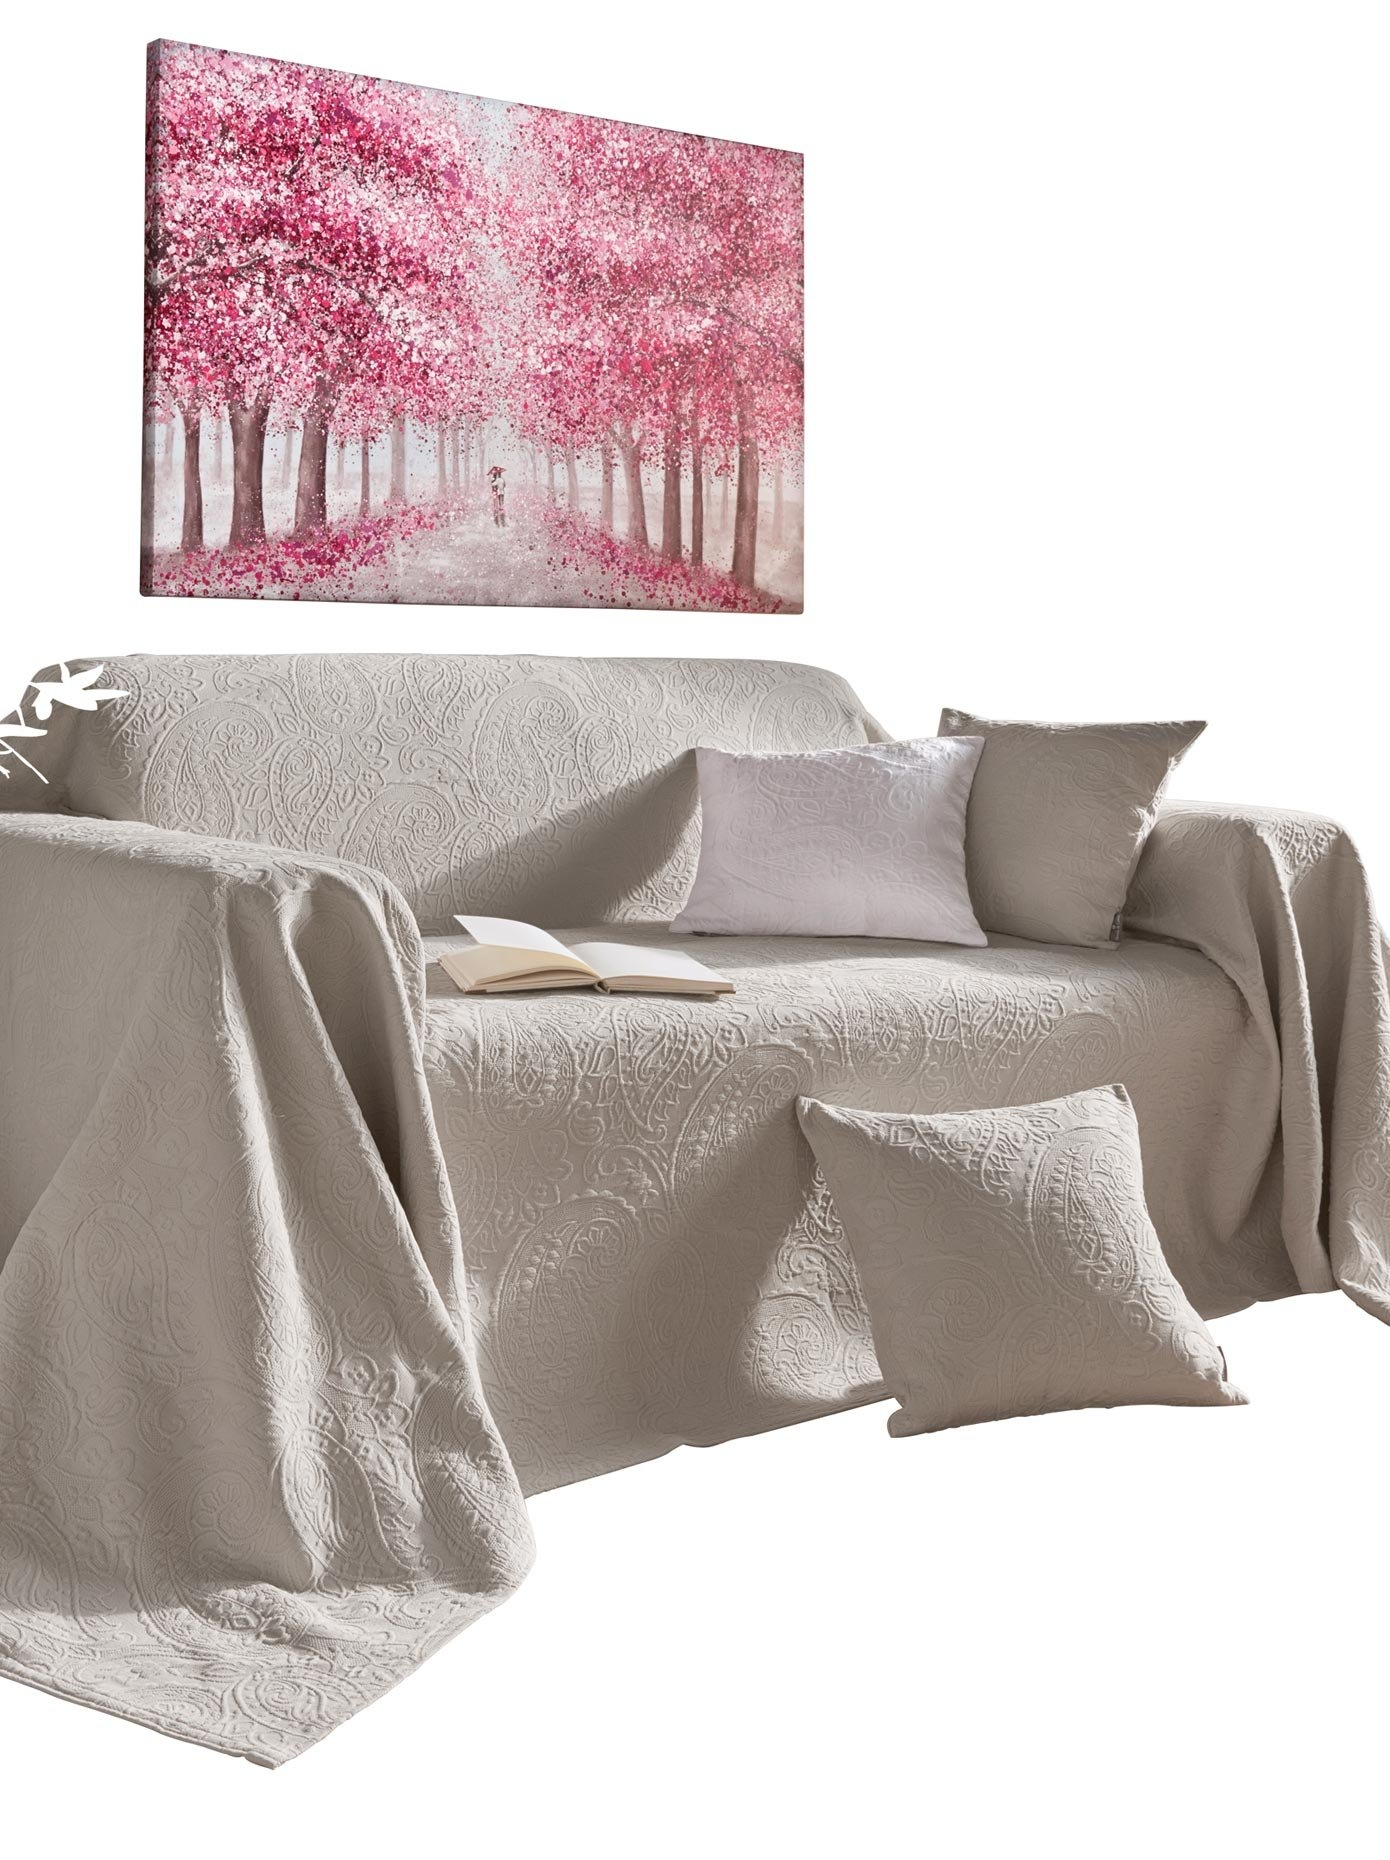 heine home wanddecoratie nu online kopen bij OTTO